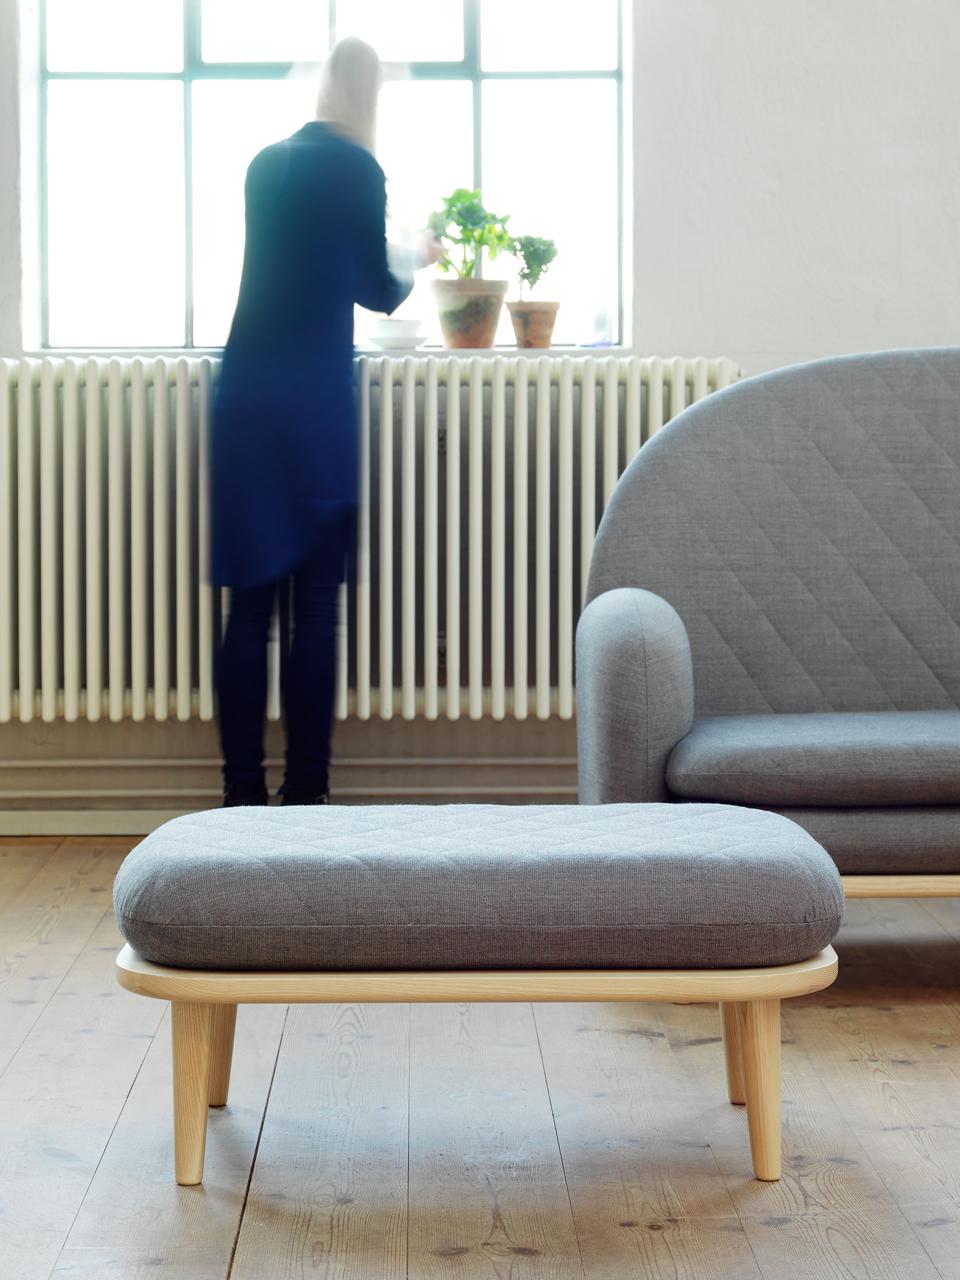 Rise-Sofa-Fogia-Note-Design-Studio-7